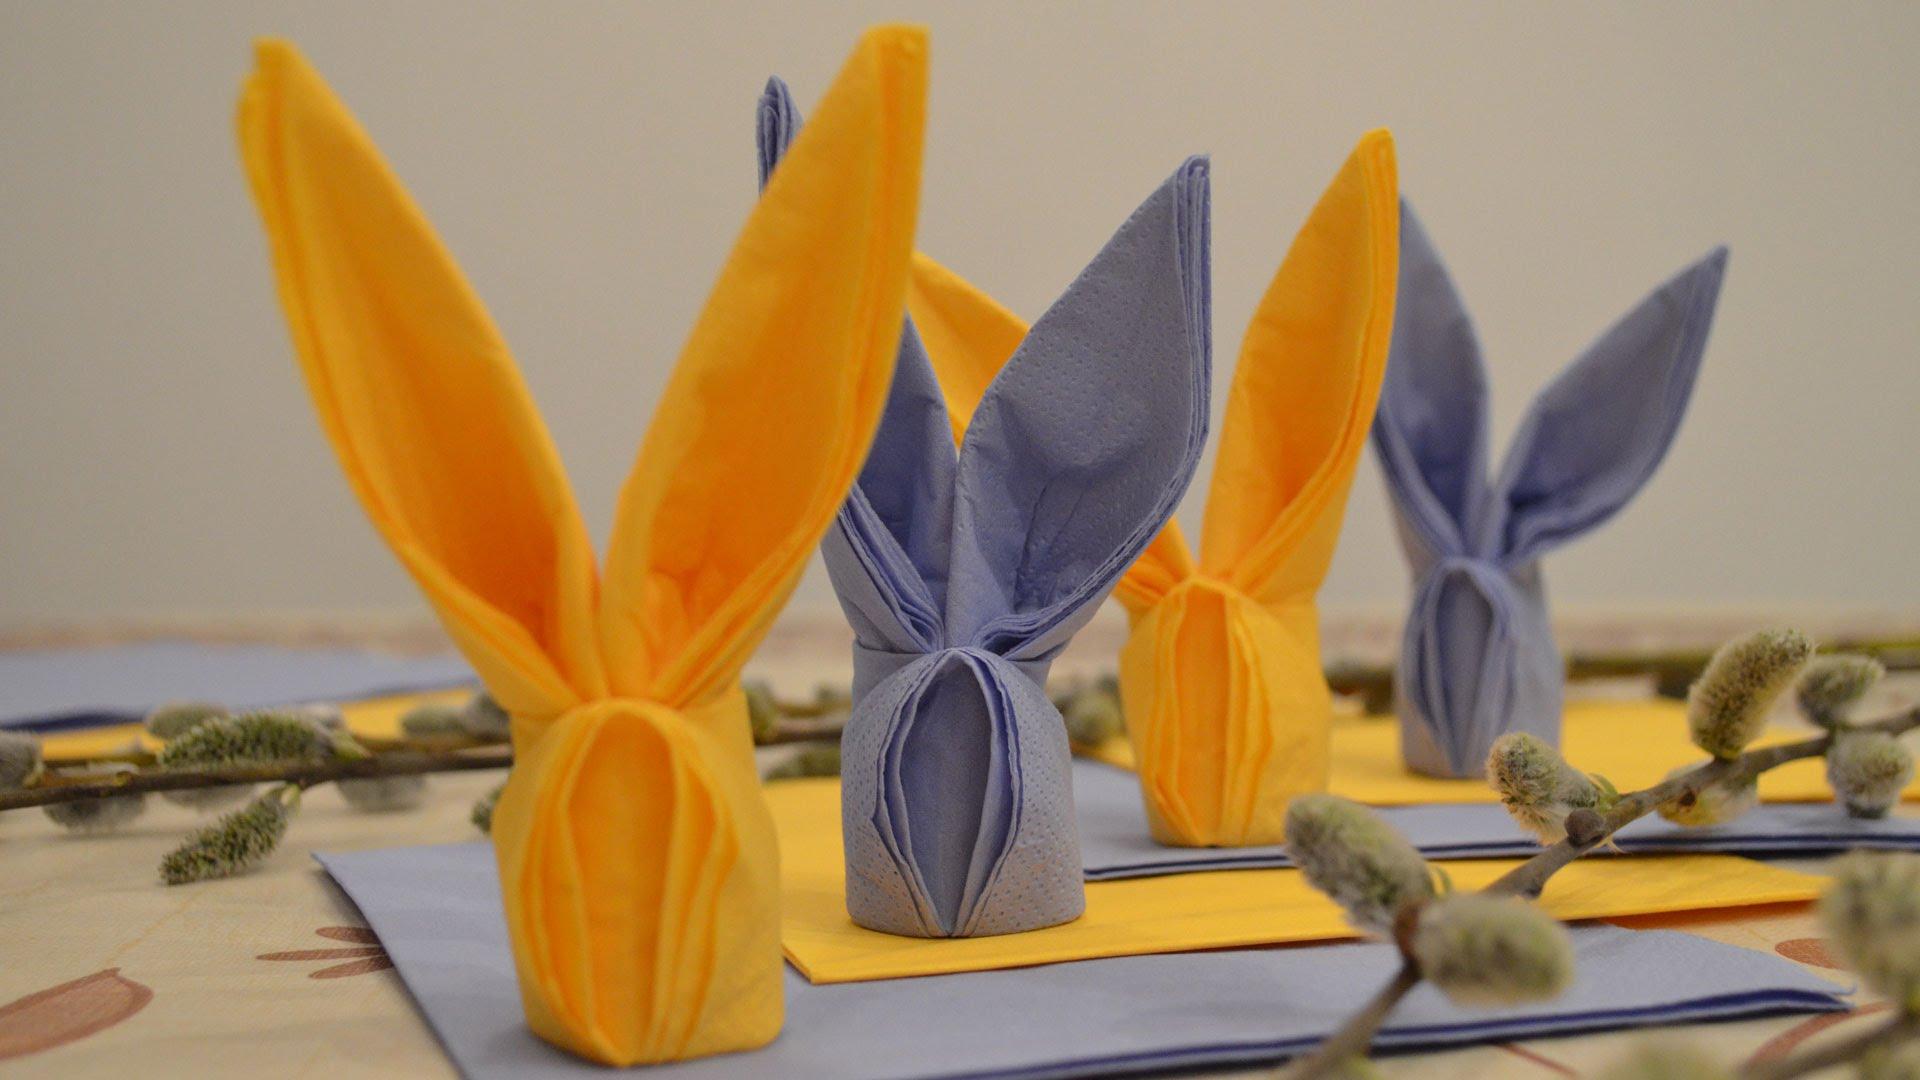 оформление стола салфетками зайцами